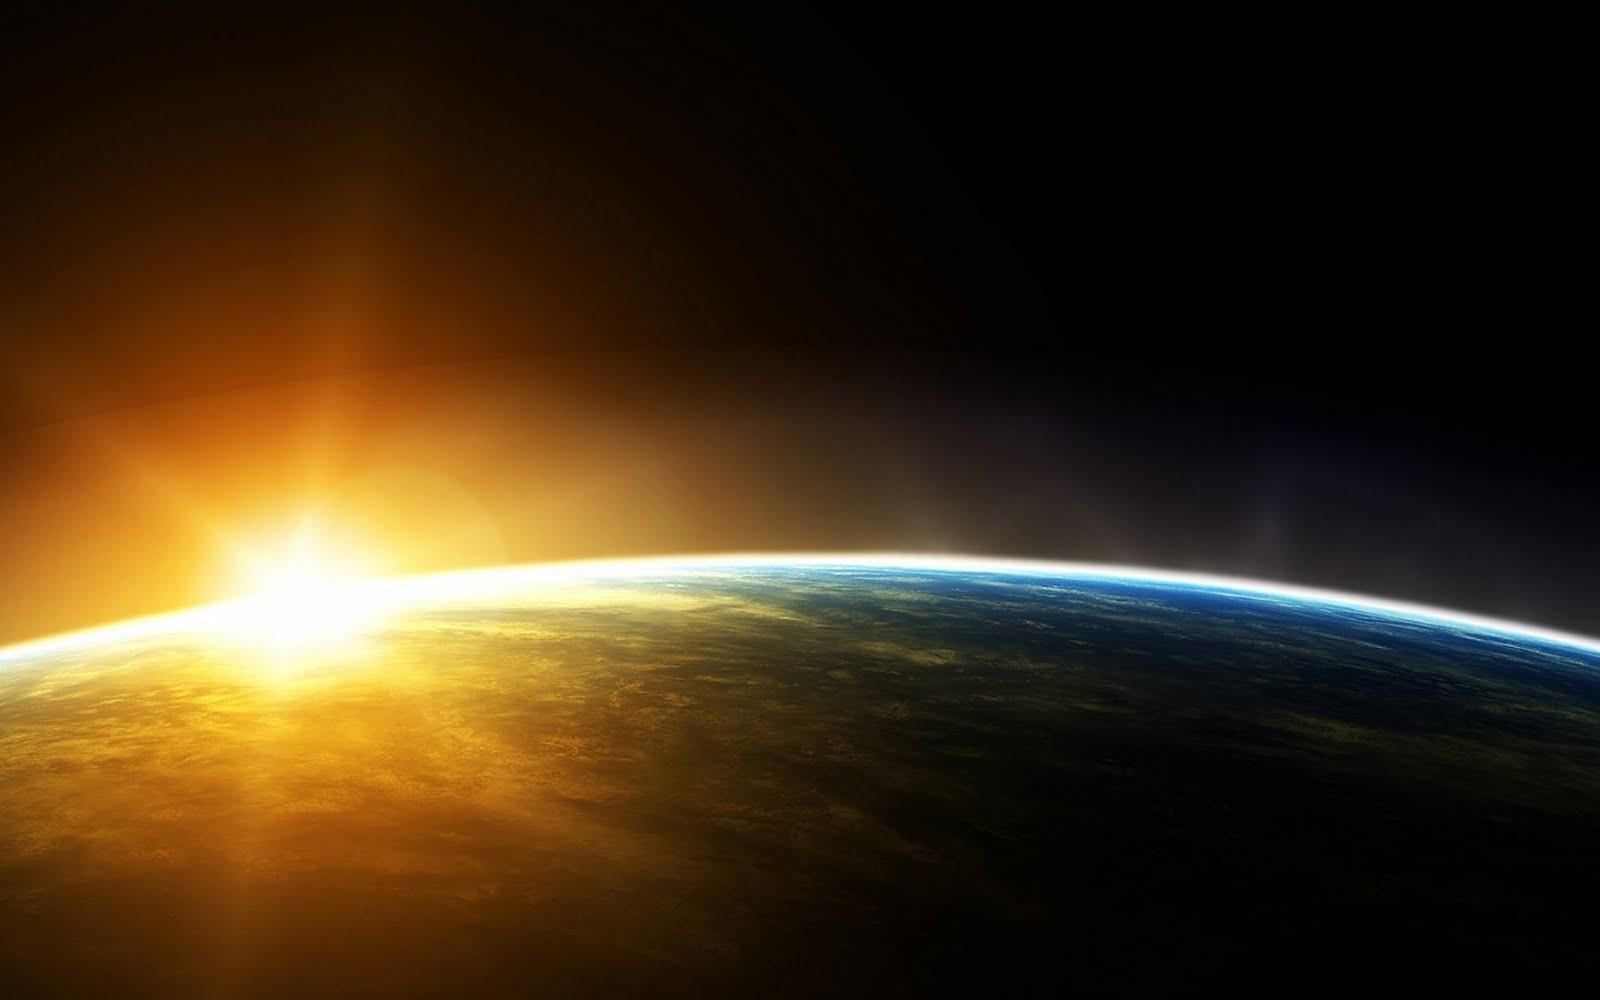 http://1.bp.blogspot.com/_HzAThb2RgMc/TLyaFB_ShFI/AAAAAAAAByU/Vl3vmzsIVao/s1600/Sunrise_1680+x+1050+widescreen.jpg